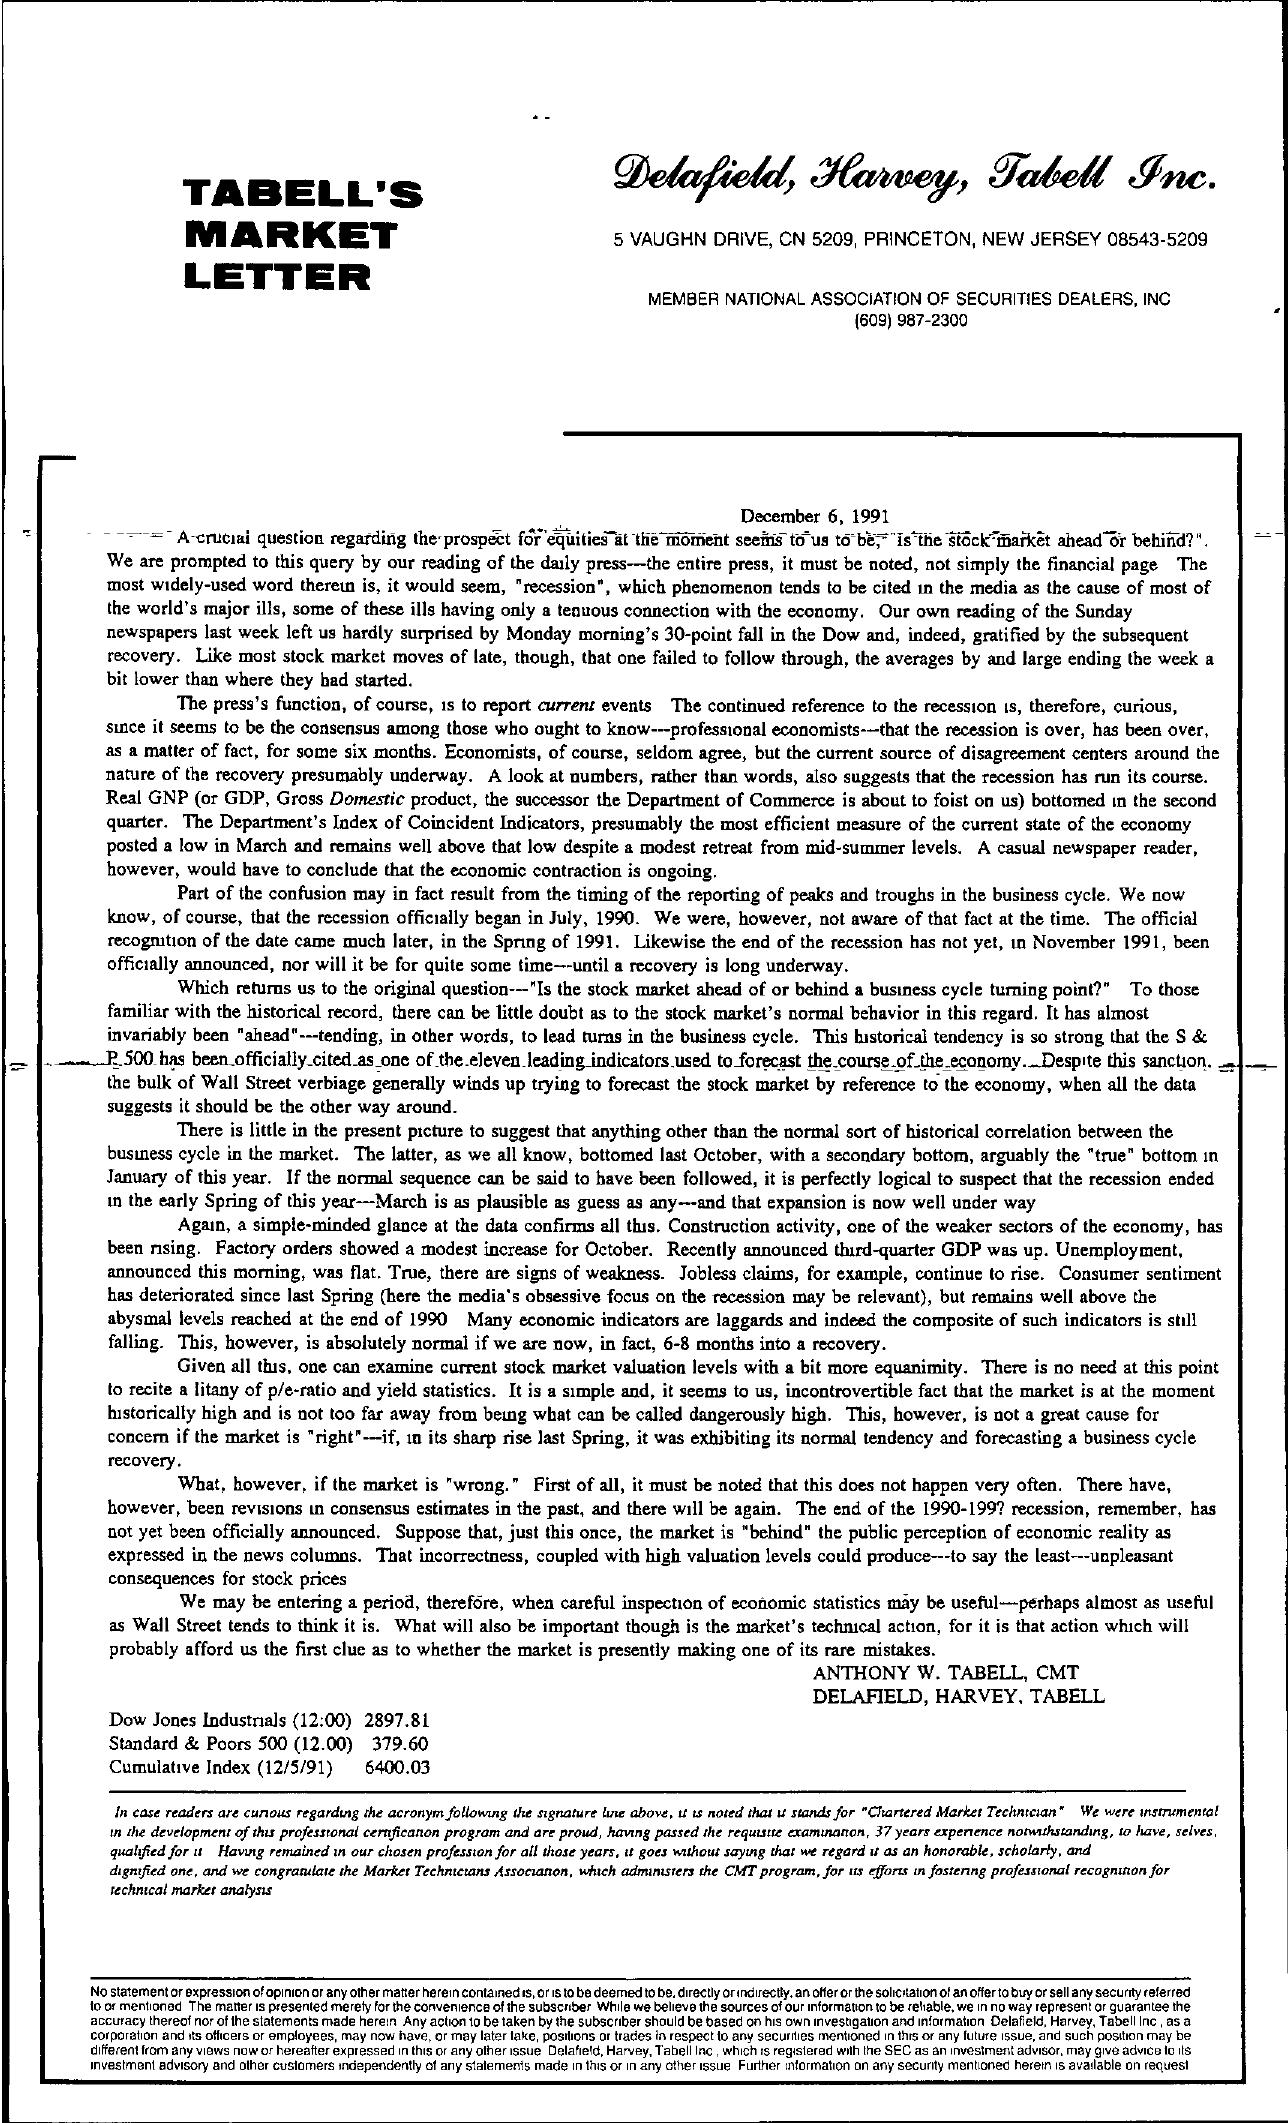 Tabell's Market Letter - December 06, 1991